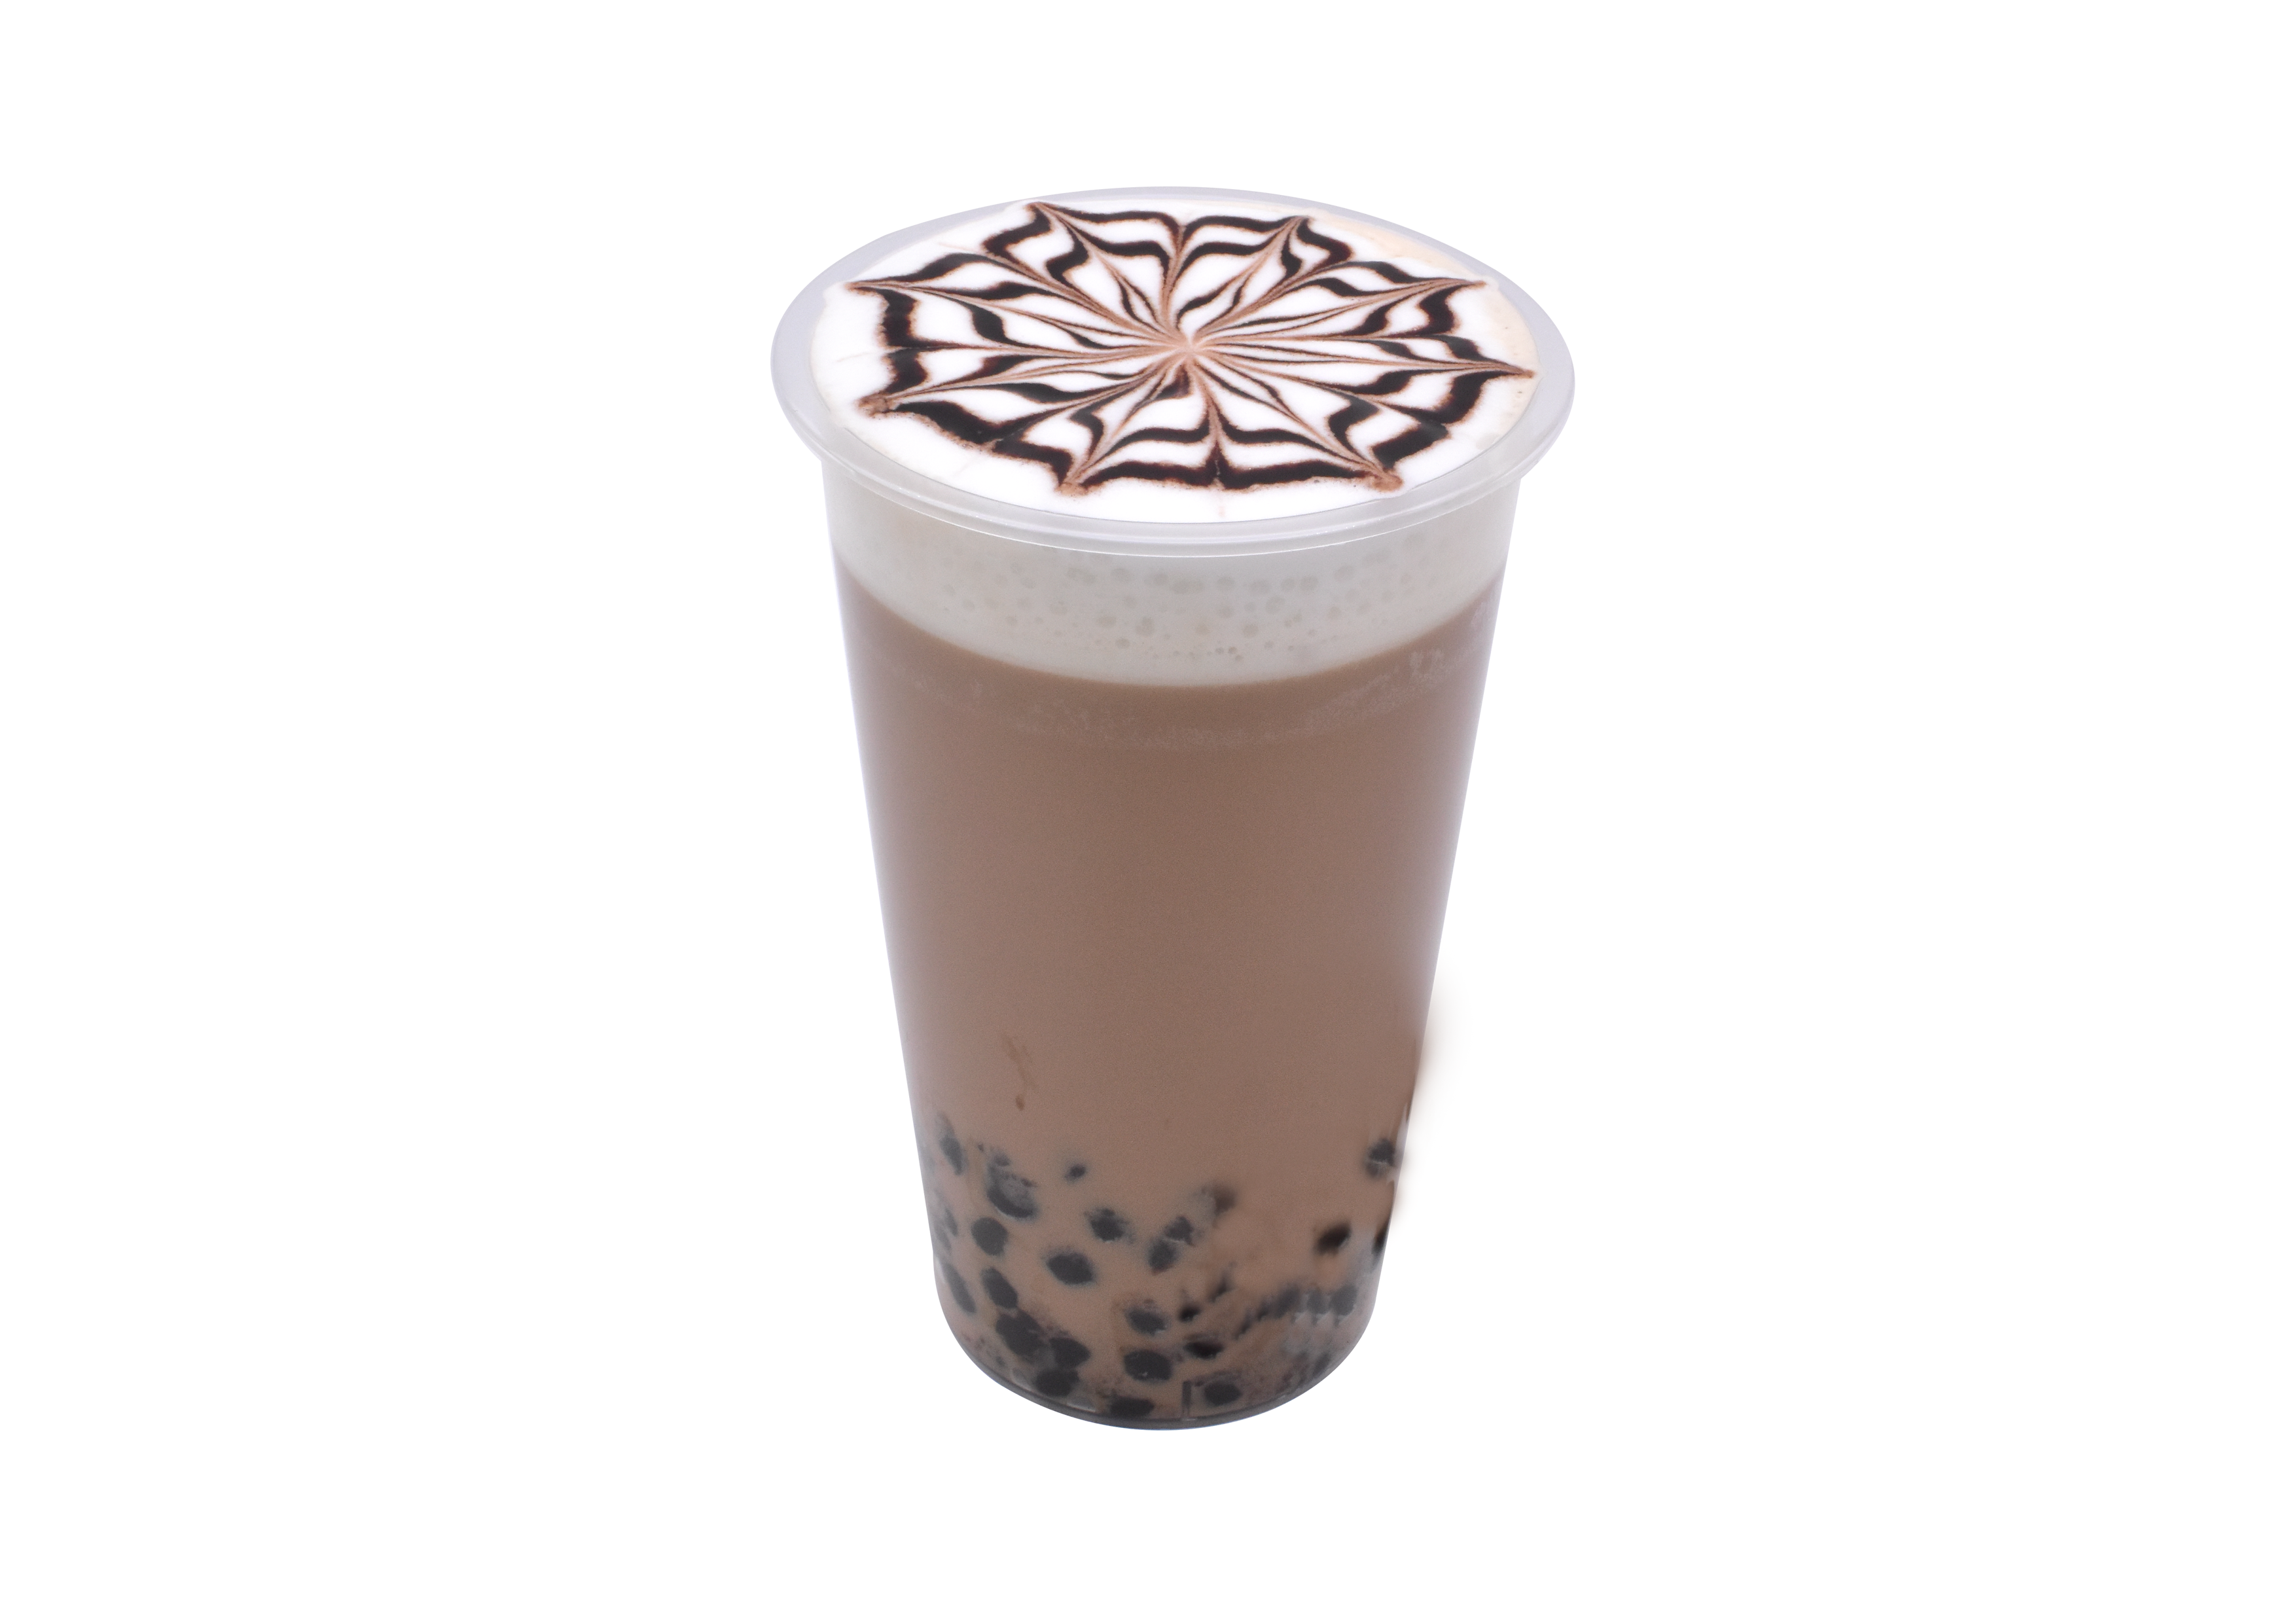 鸳鸯拿铁(Mandarin Duck Latte)